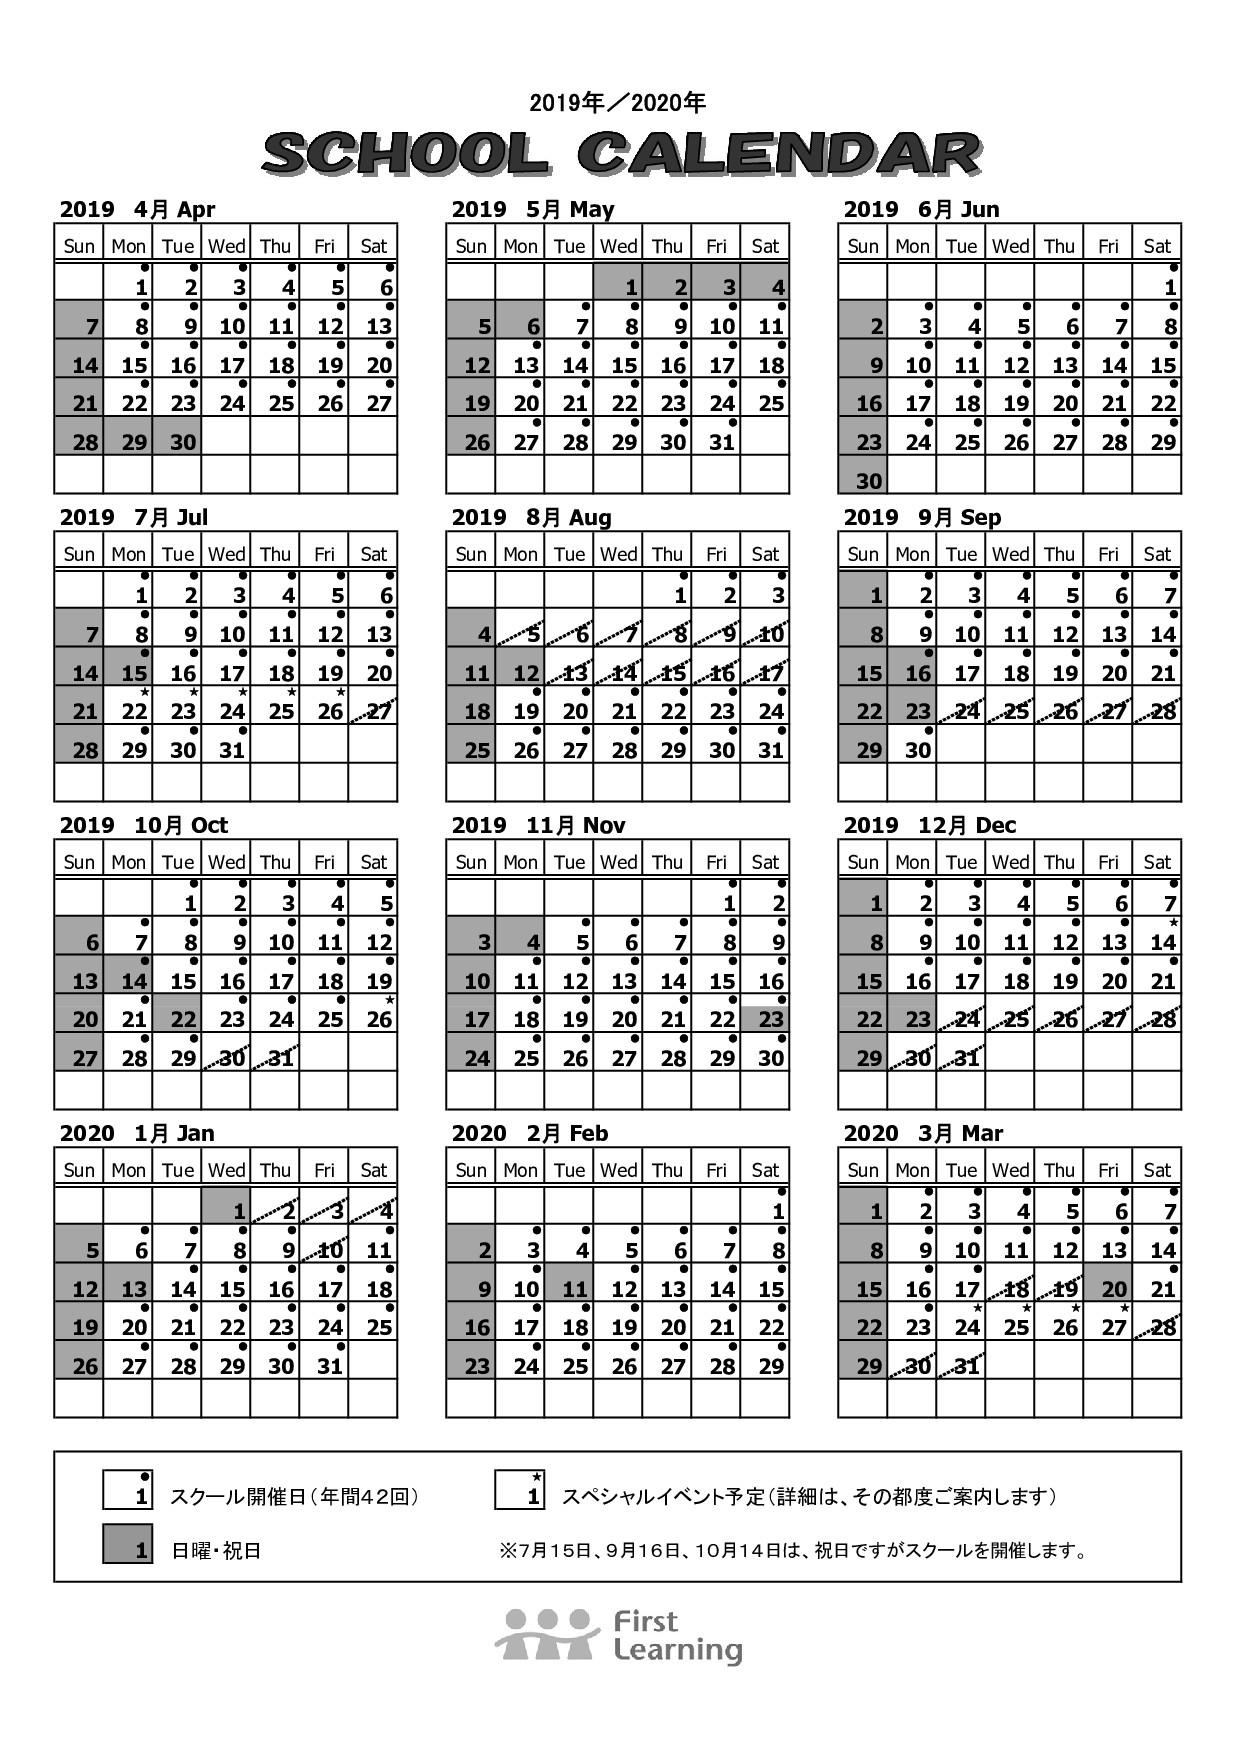 2019スクールカレンダー